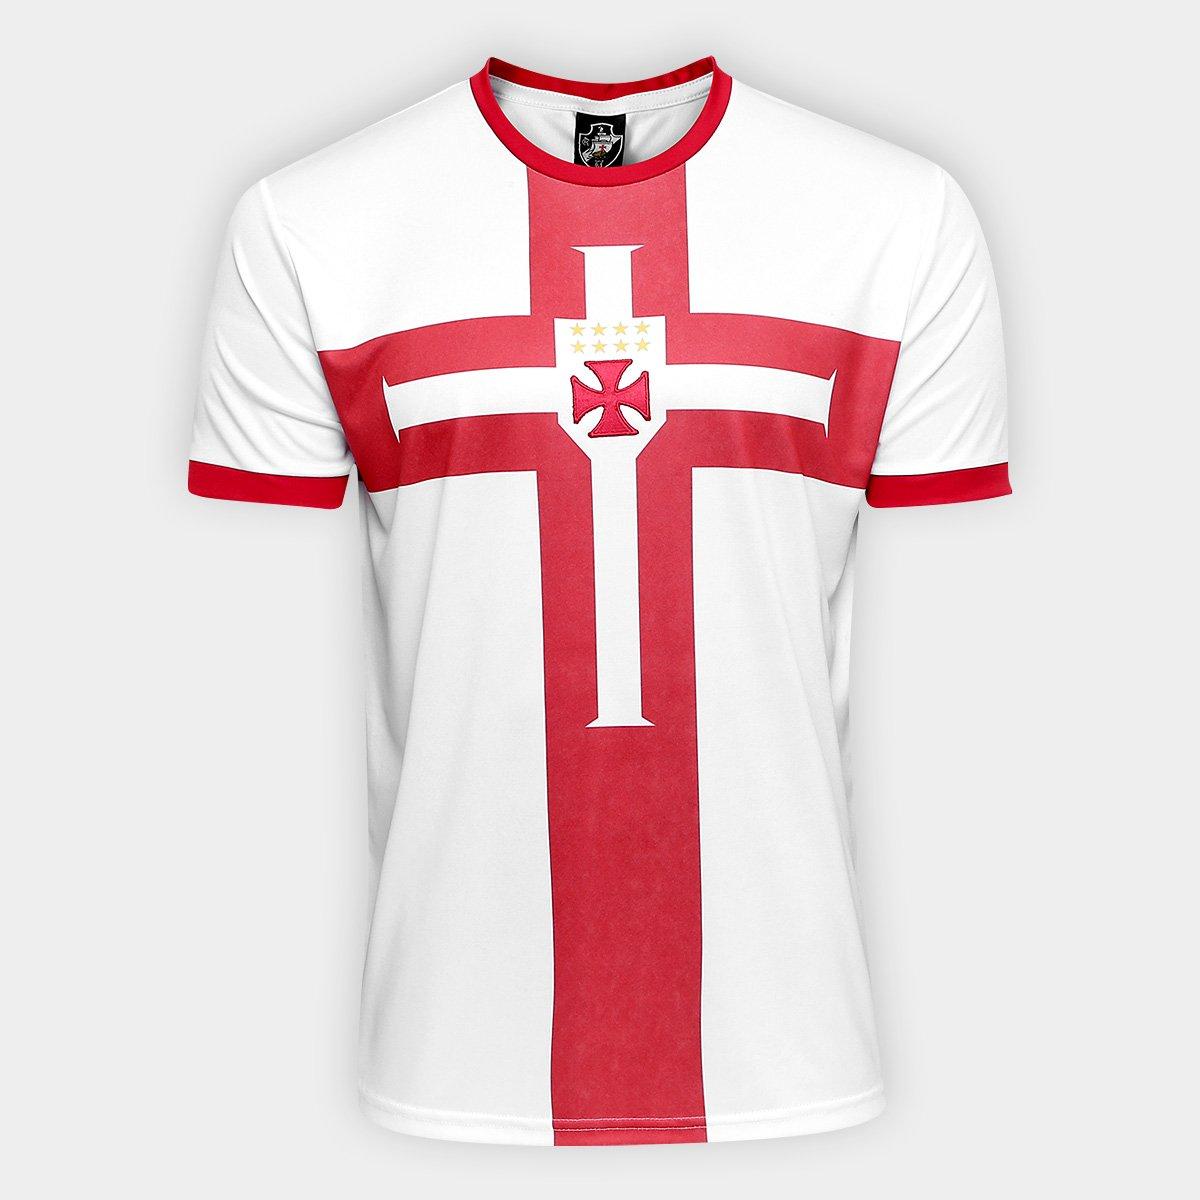 81188ae2bd Camisa Vasco Templária Ed. Limitada Masculina - Preto e Branco ...